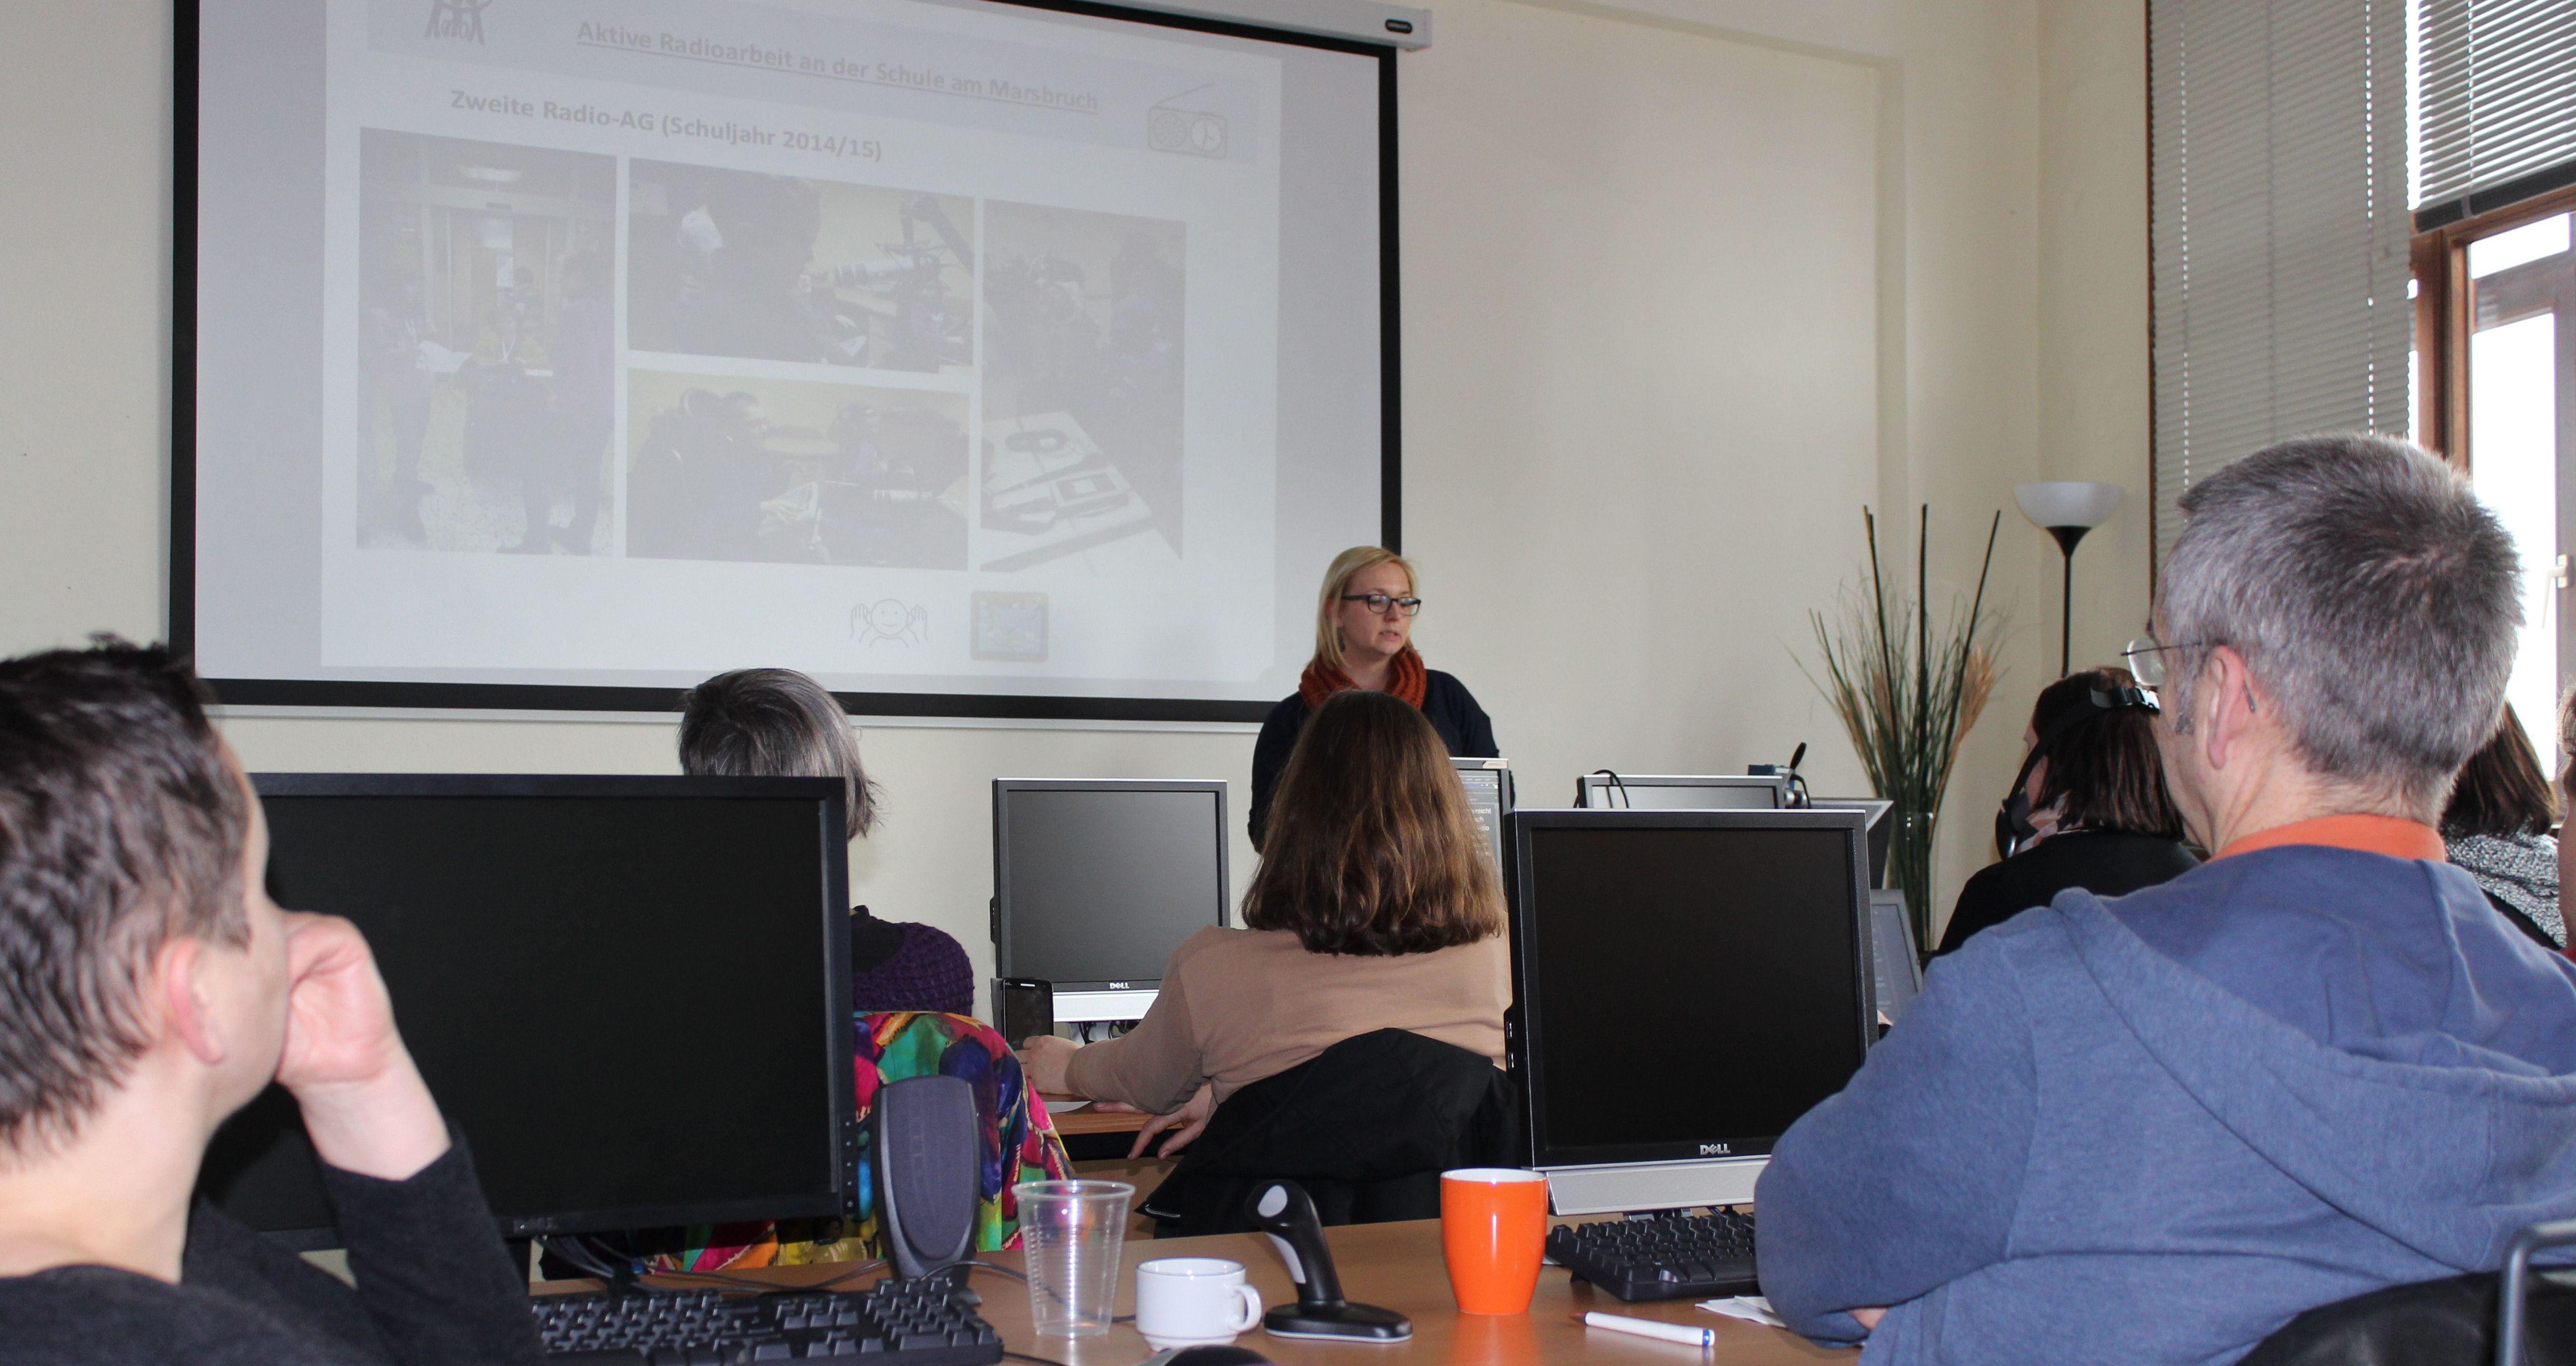 Anette Pola präsentiert ihr Projekt